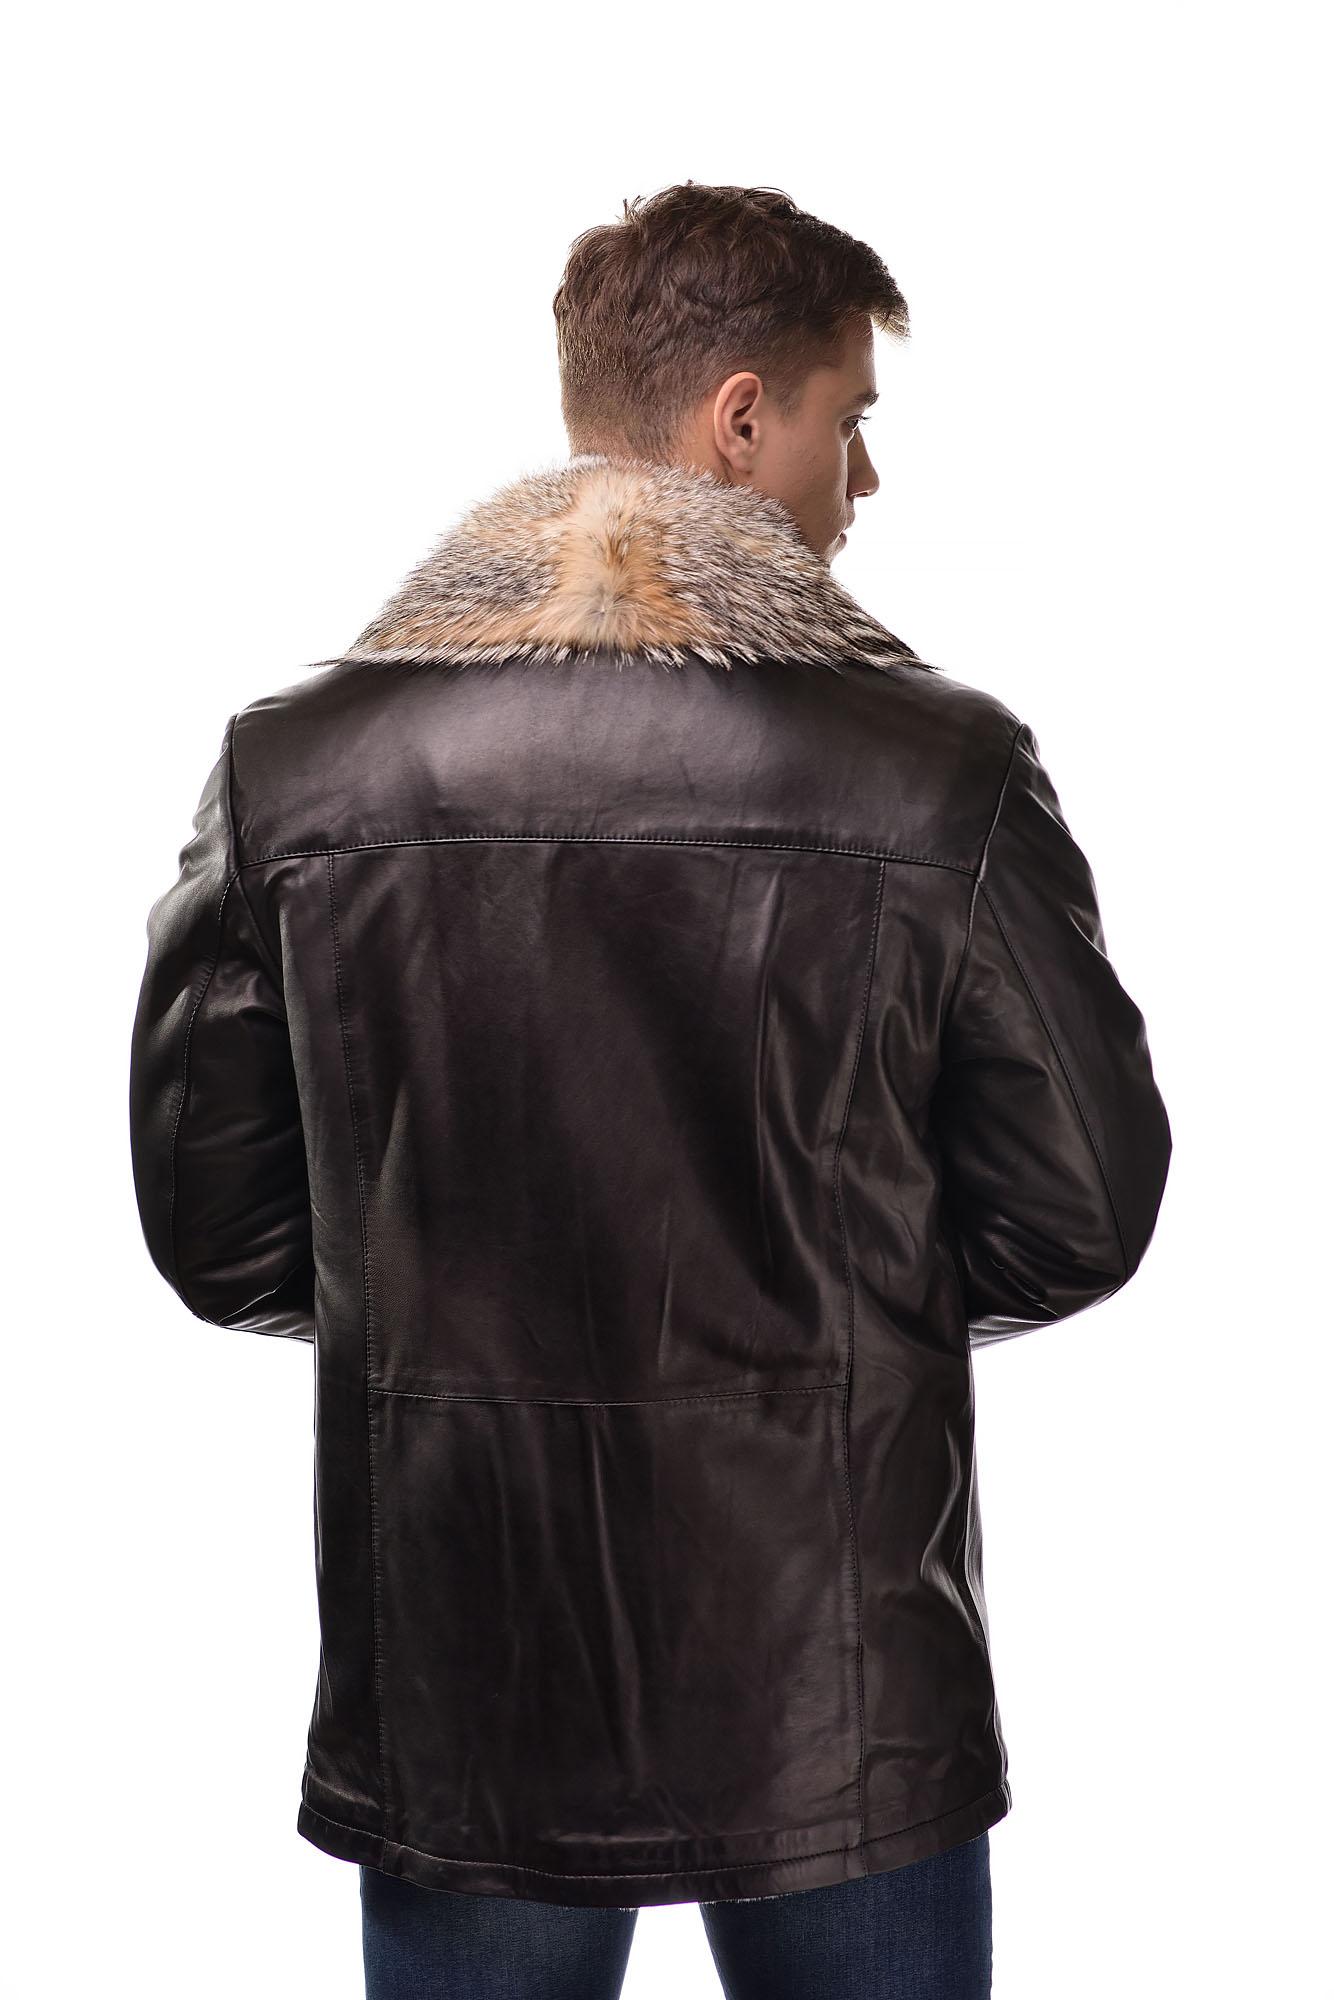 Мужская Кожаная дубленка на овчине с воротником из меха волка5419